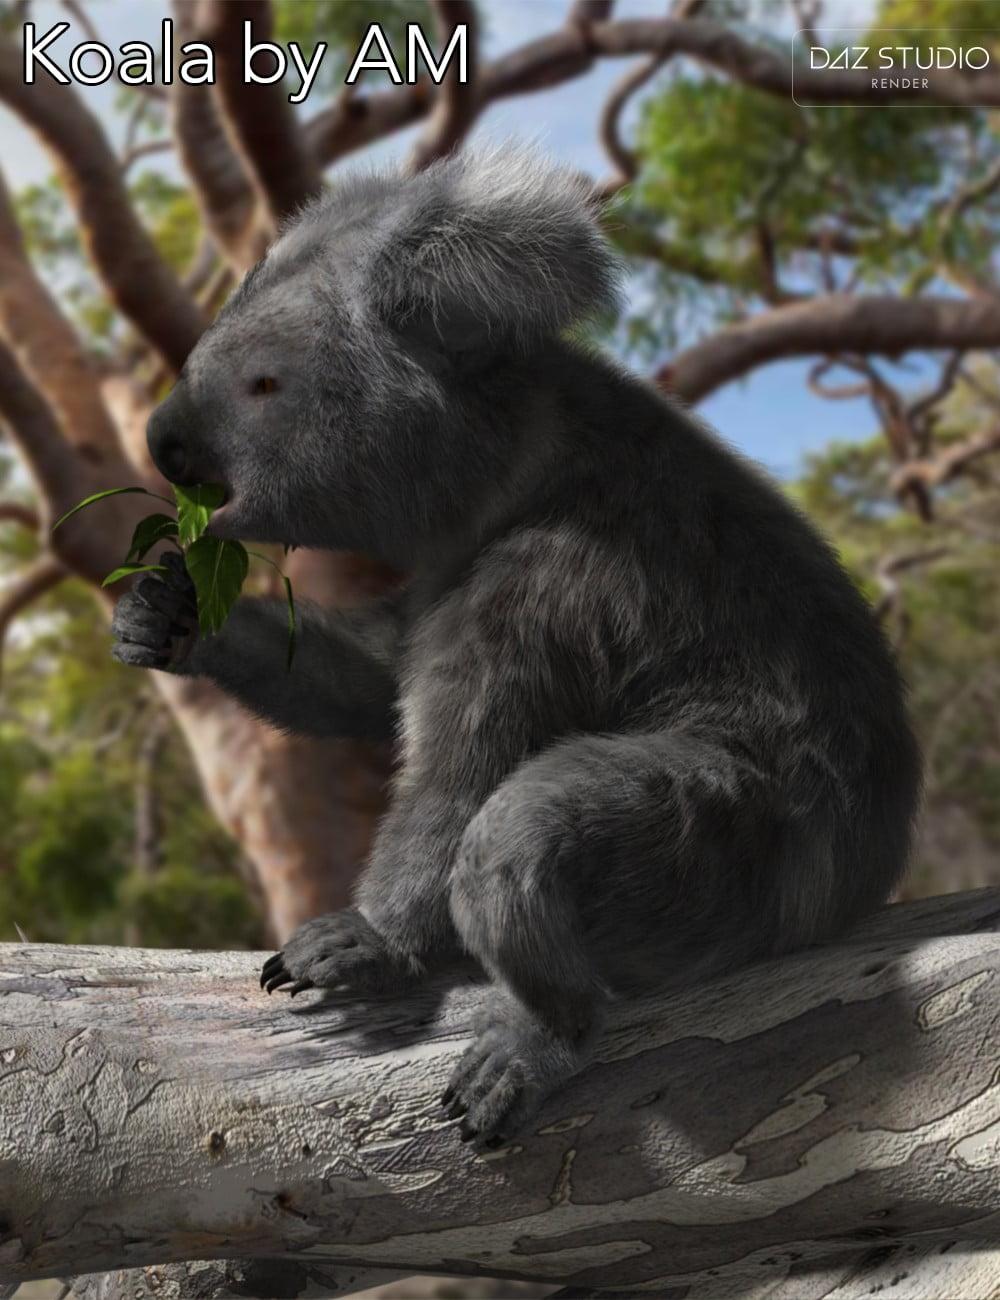 01-koala-by-am-daz3d